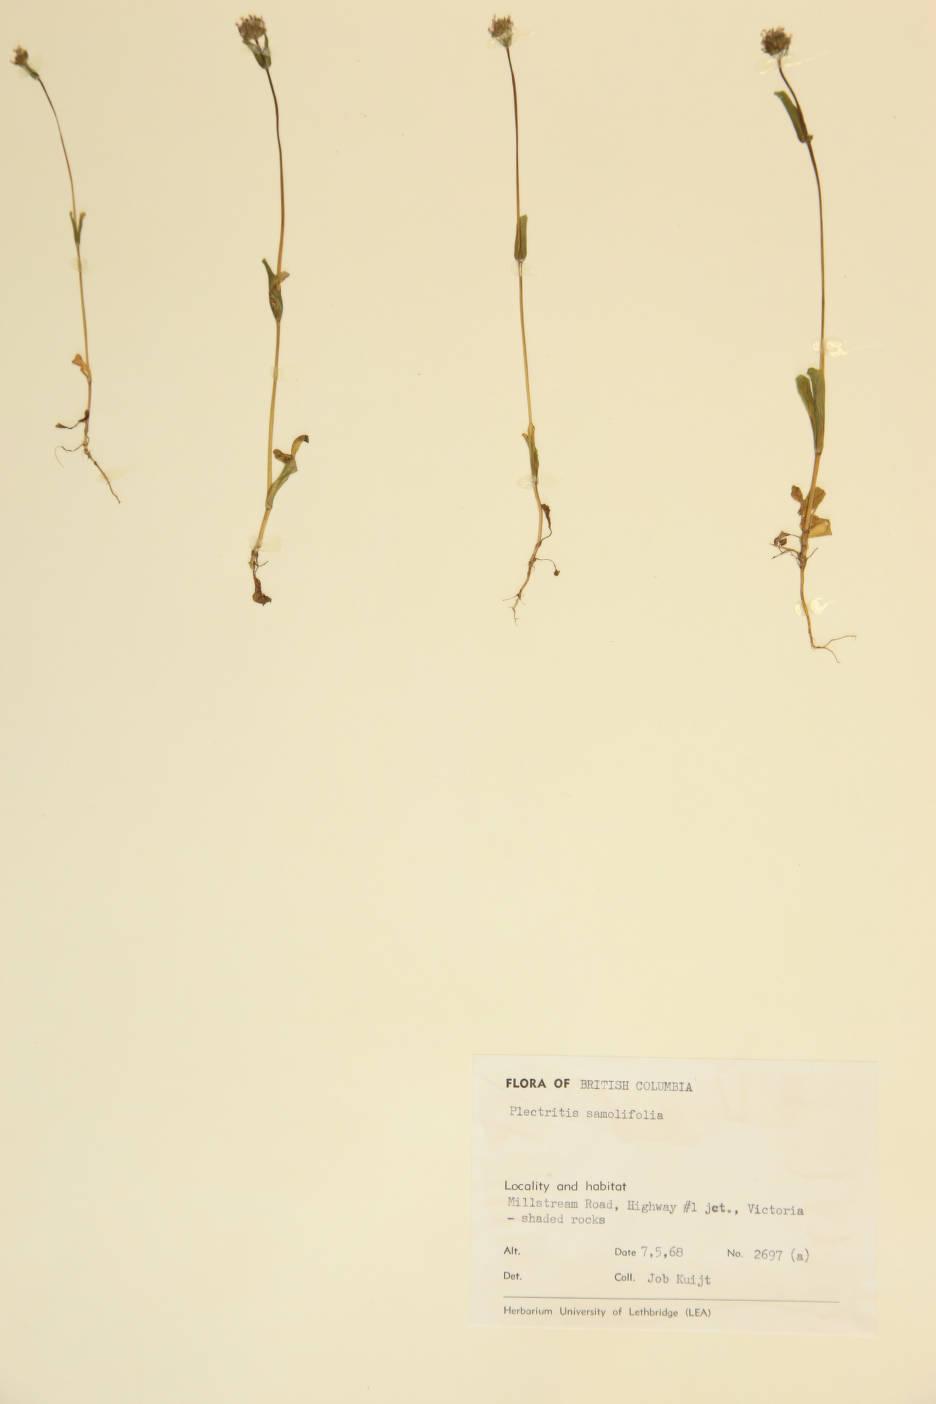 Image of Plectritis samolifolia